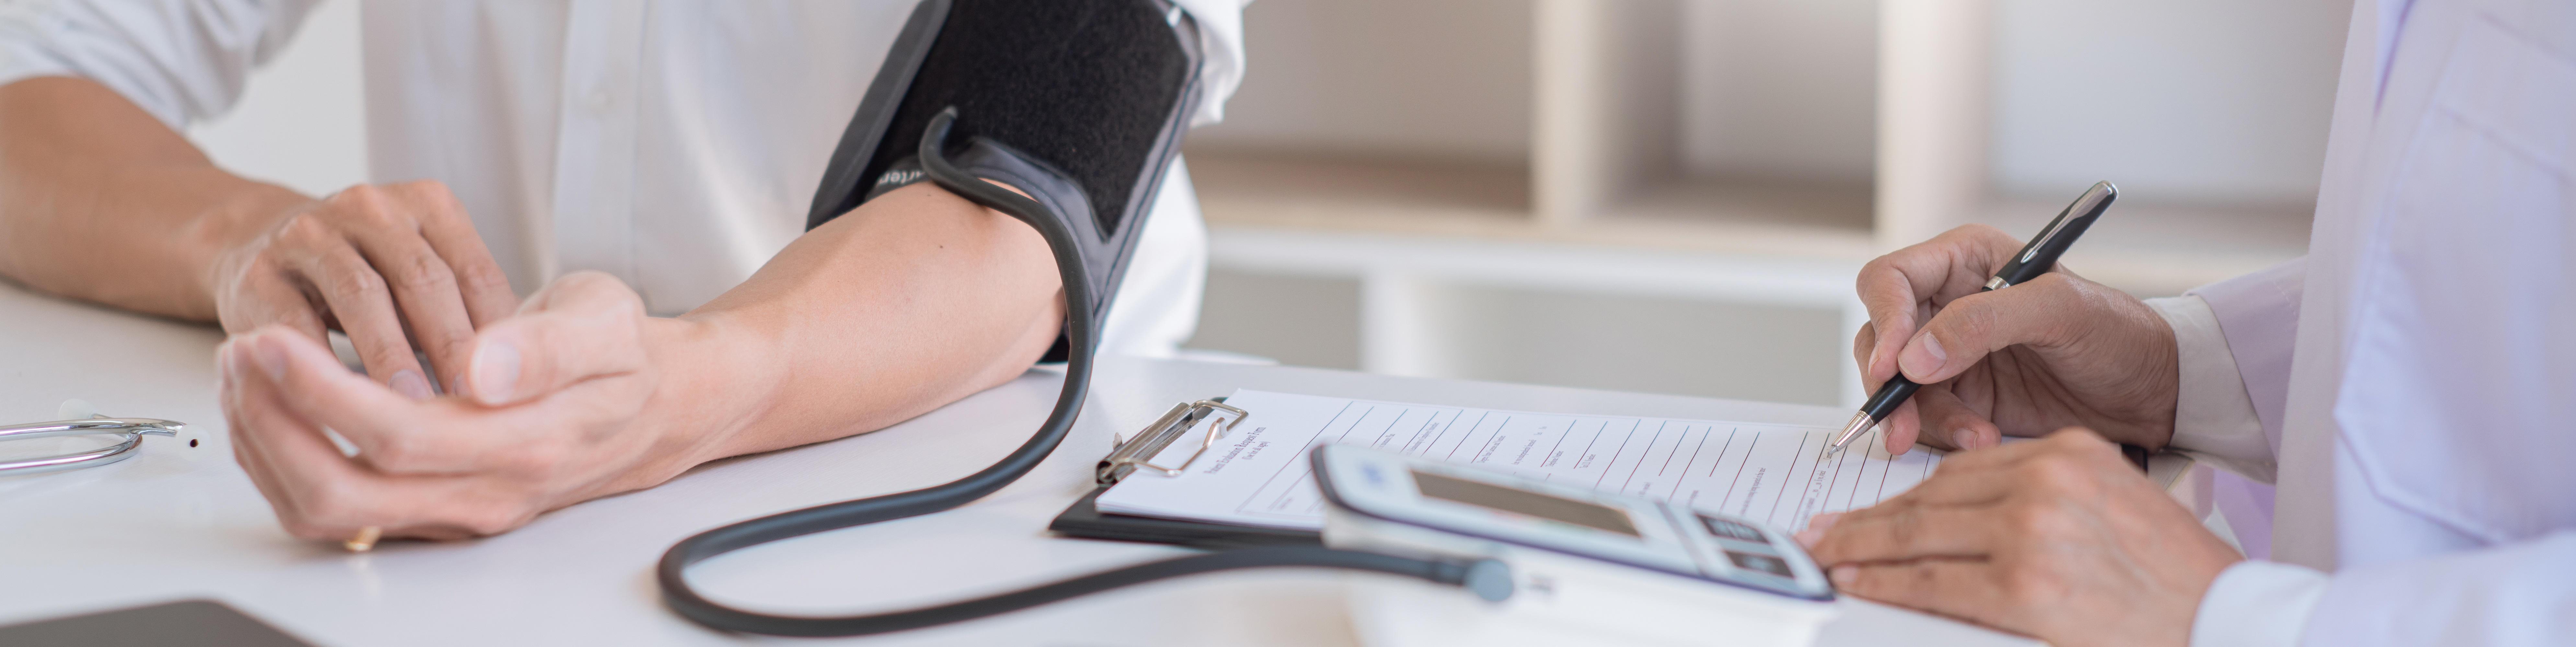 Arzt misst Blutdruck beim Patienten und trägt Wert in Tabelle ein